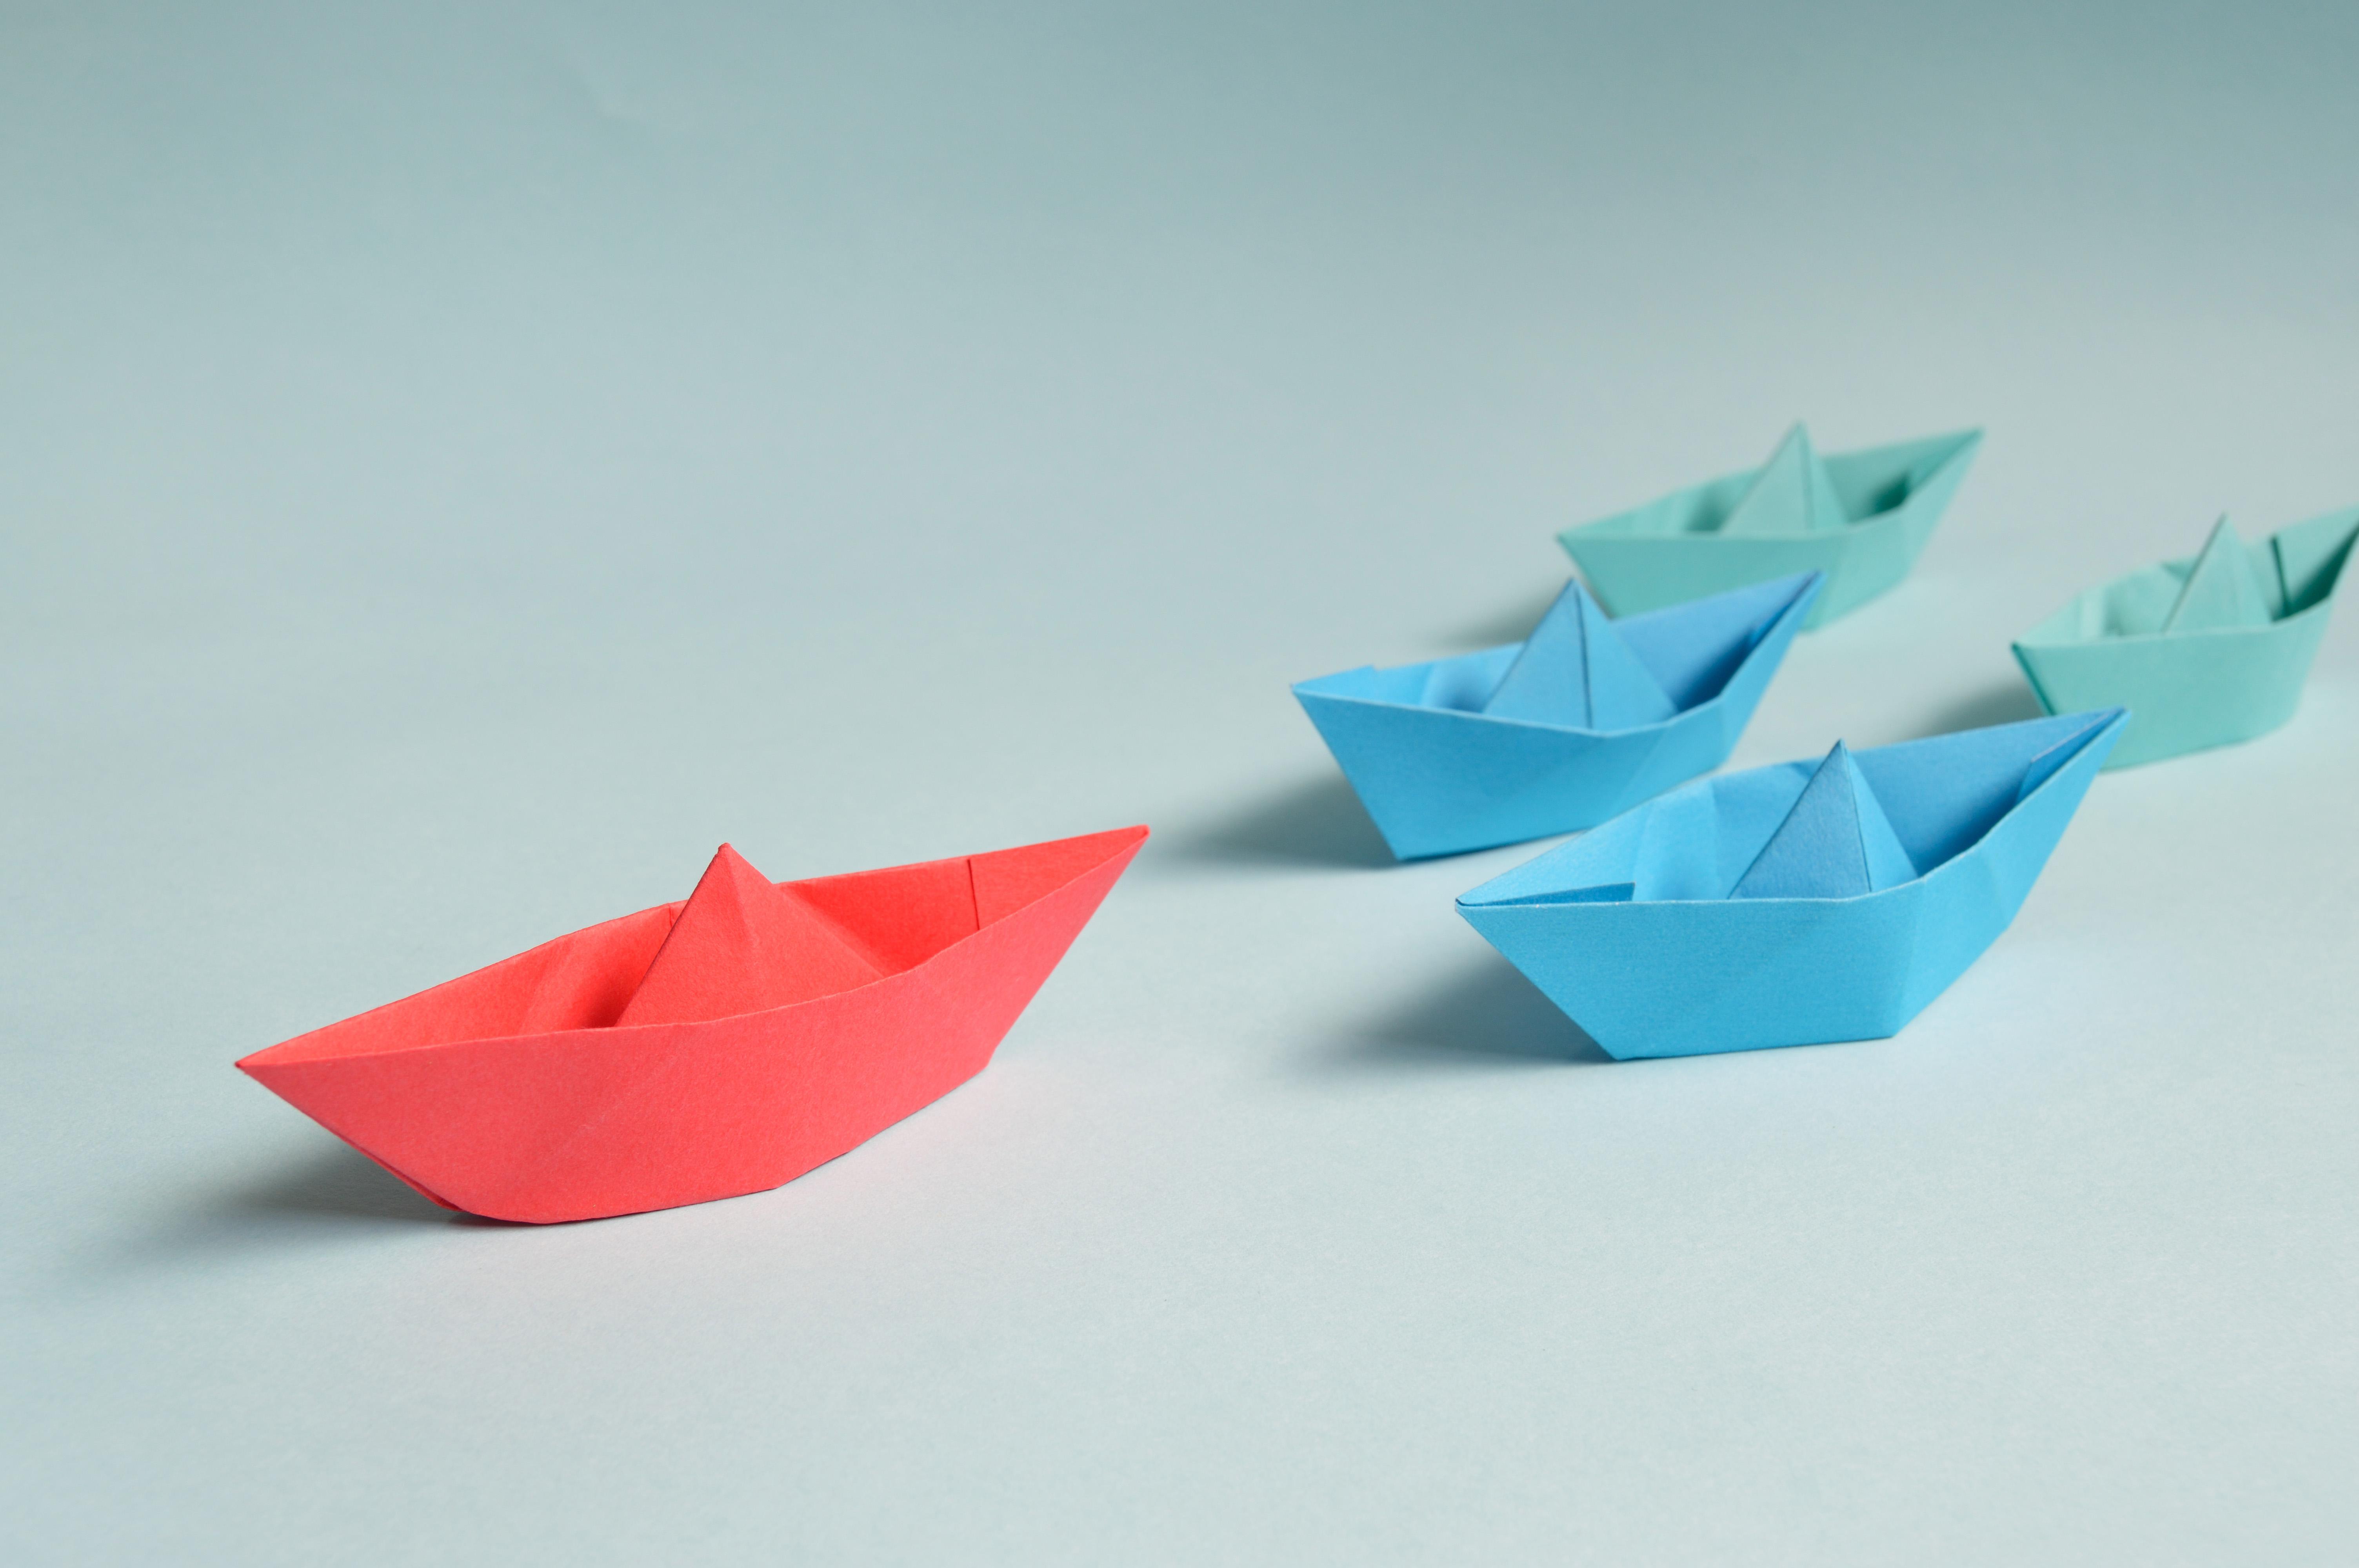 ... Art, Illustration, Triangle, Voile, Jouets, Conceptuel, Graphique,  Marine, Forme, Direction, Chef, Papier Artistique, Papier Origami, Bateaux  En Papier ...